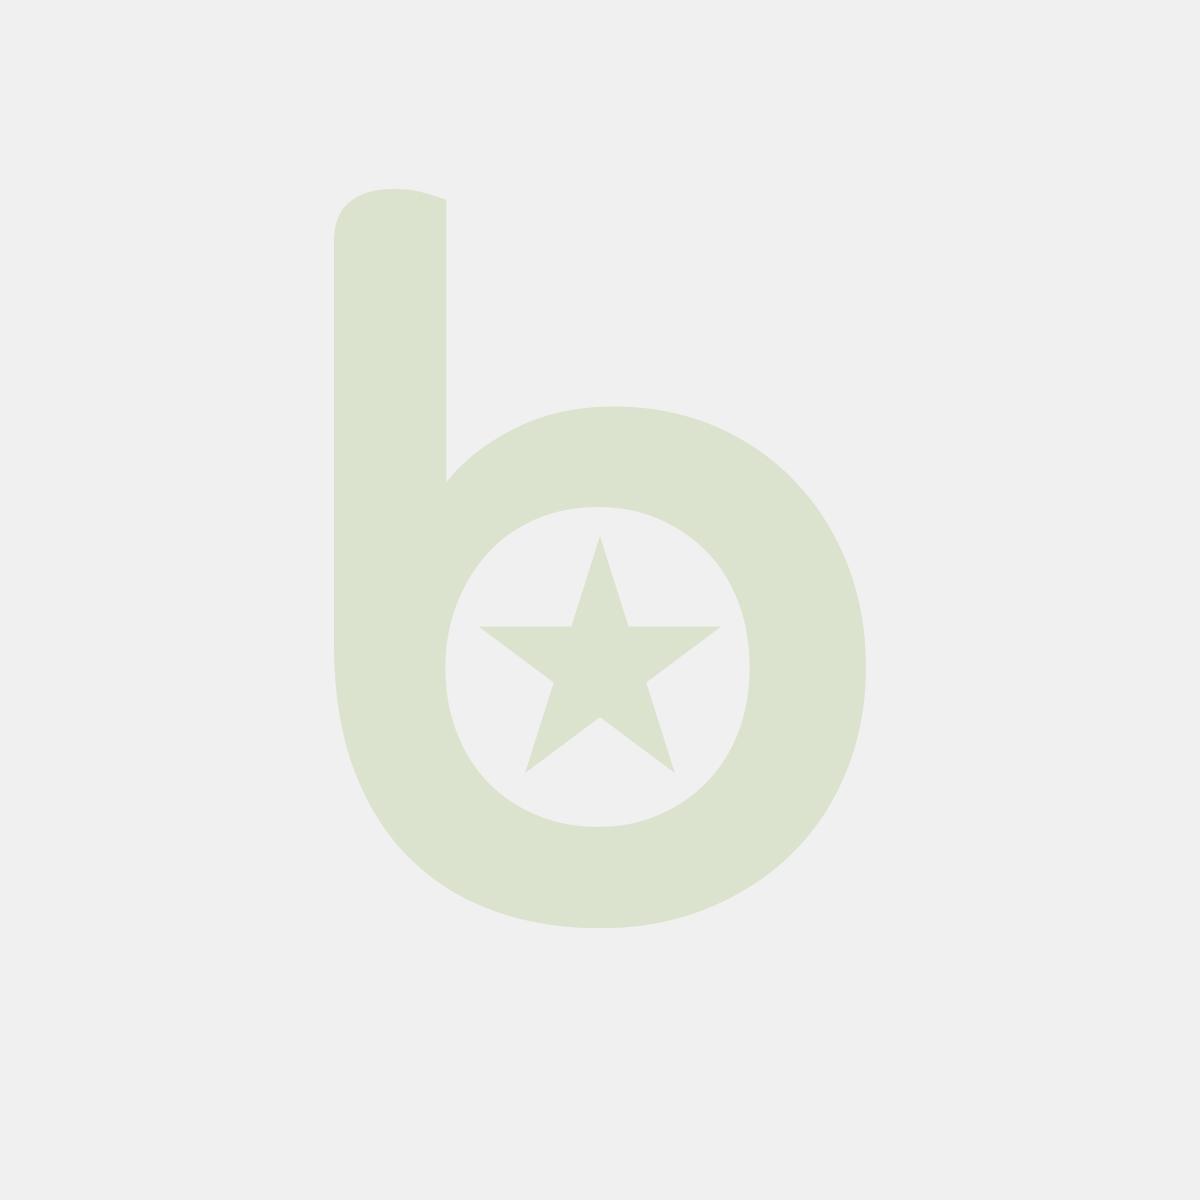 Miska do zupy czarna PP SABERT 750ml, cena za opakowanie 50szt